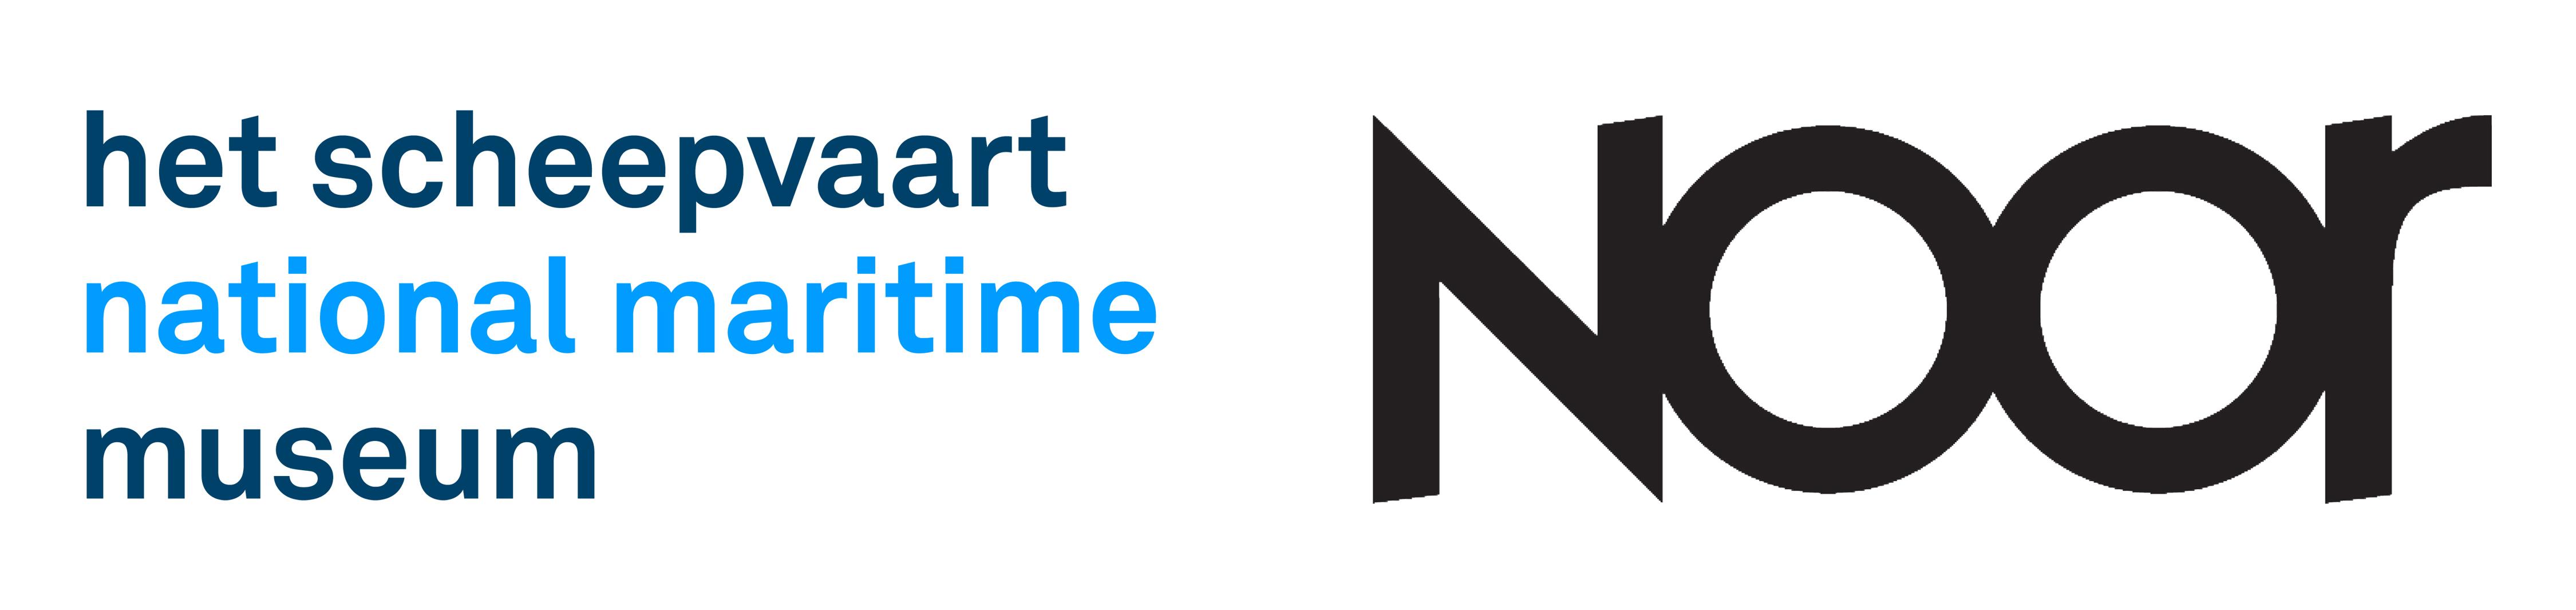 Logos pour le Musée Maritime National Het Scheepvaart et Noor - Partenaires de l'exposition Rising Tide